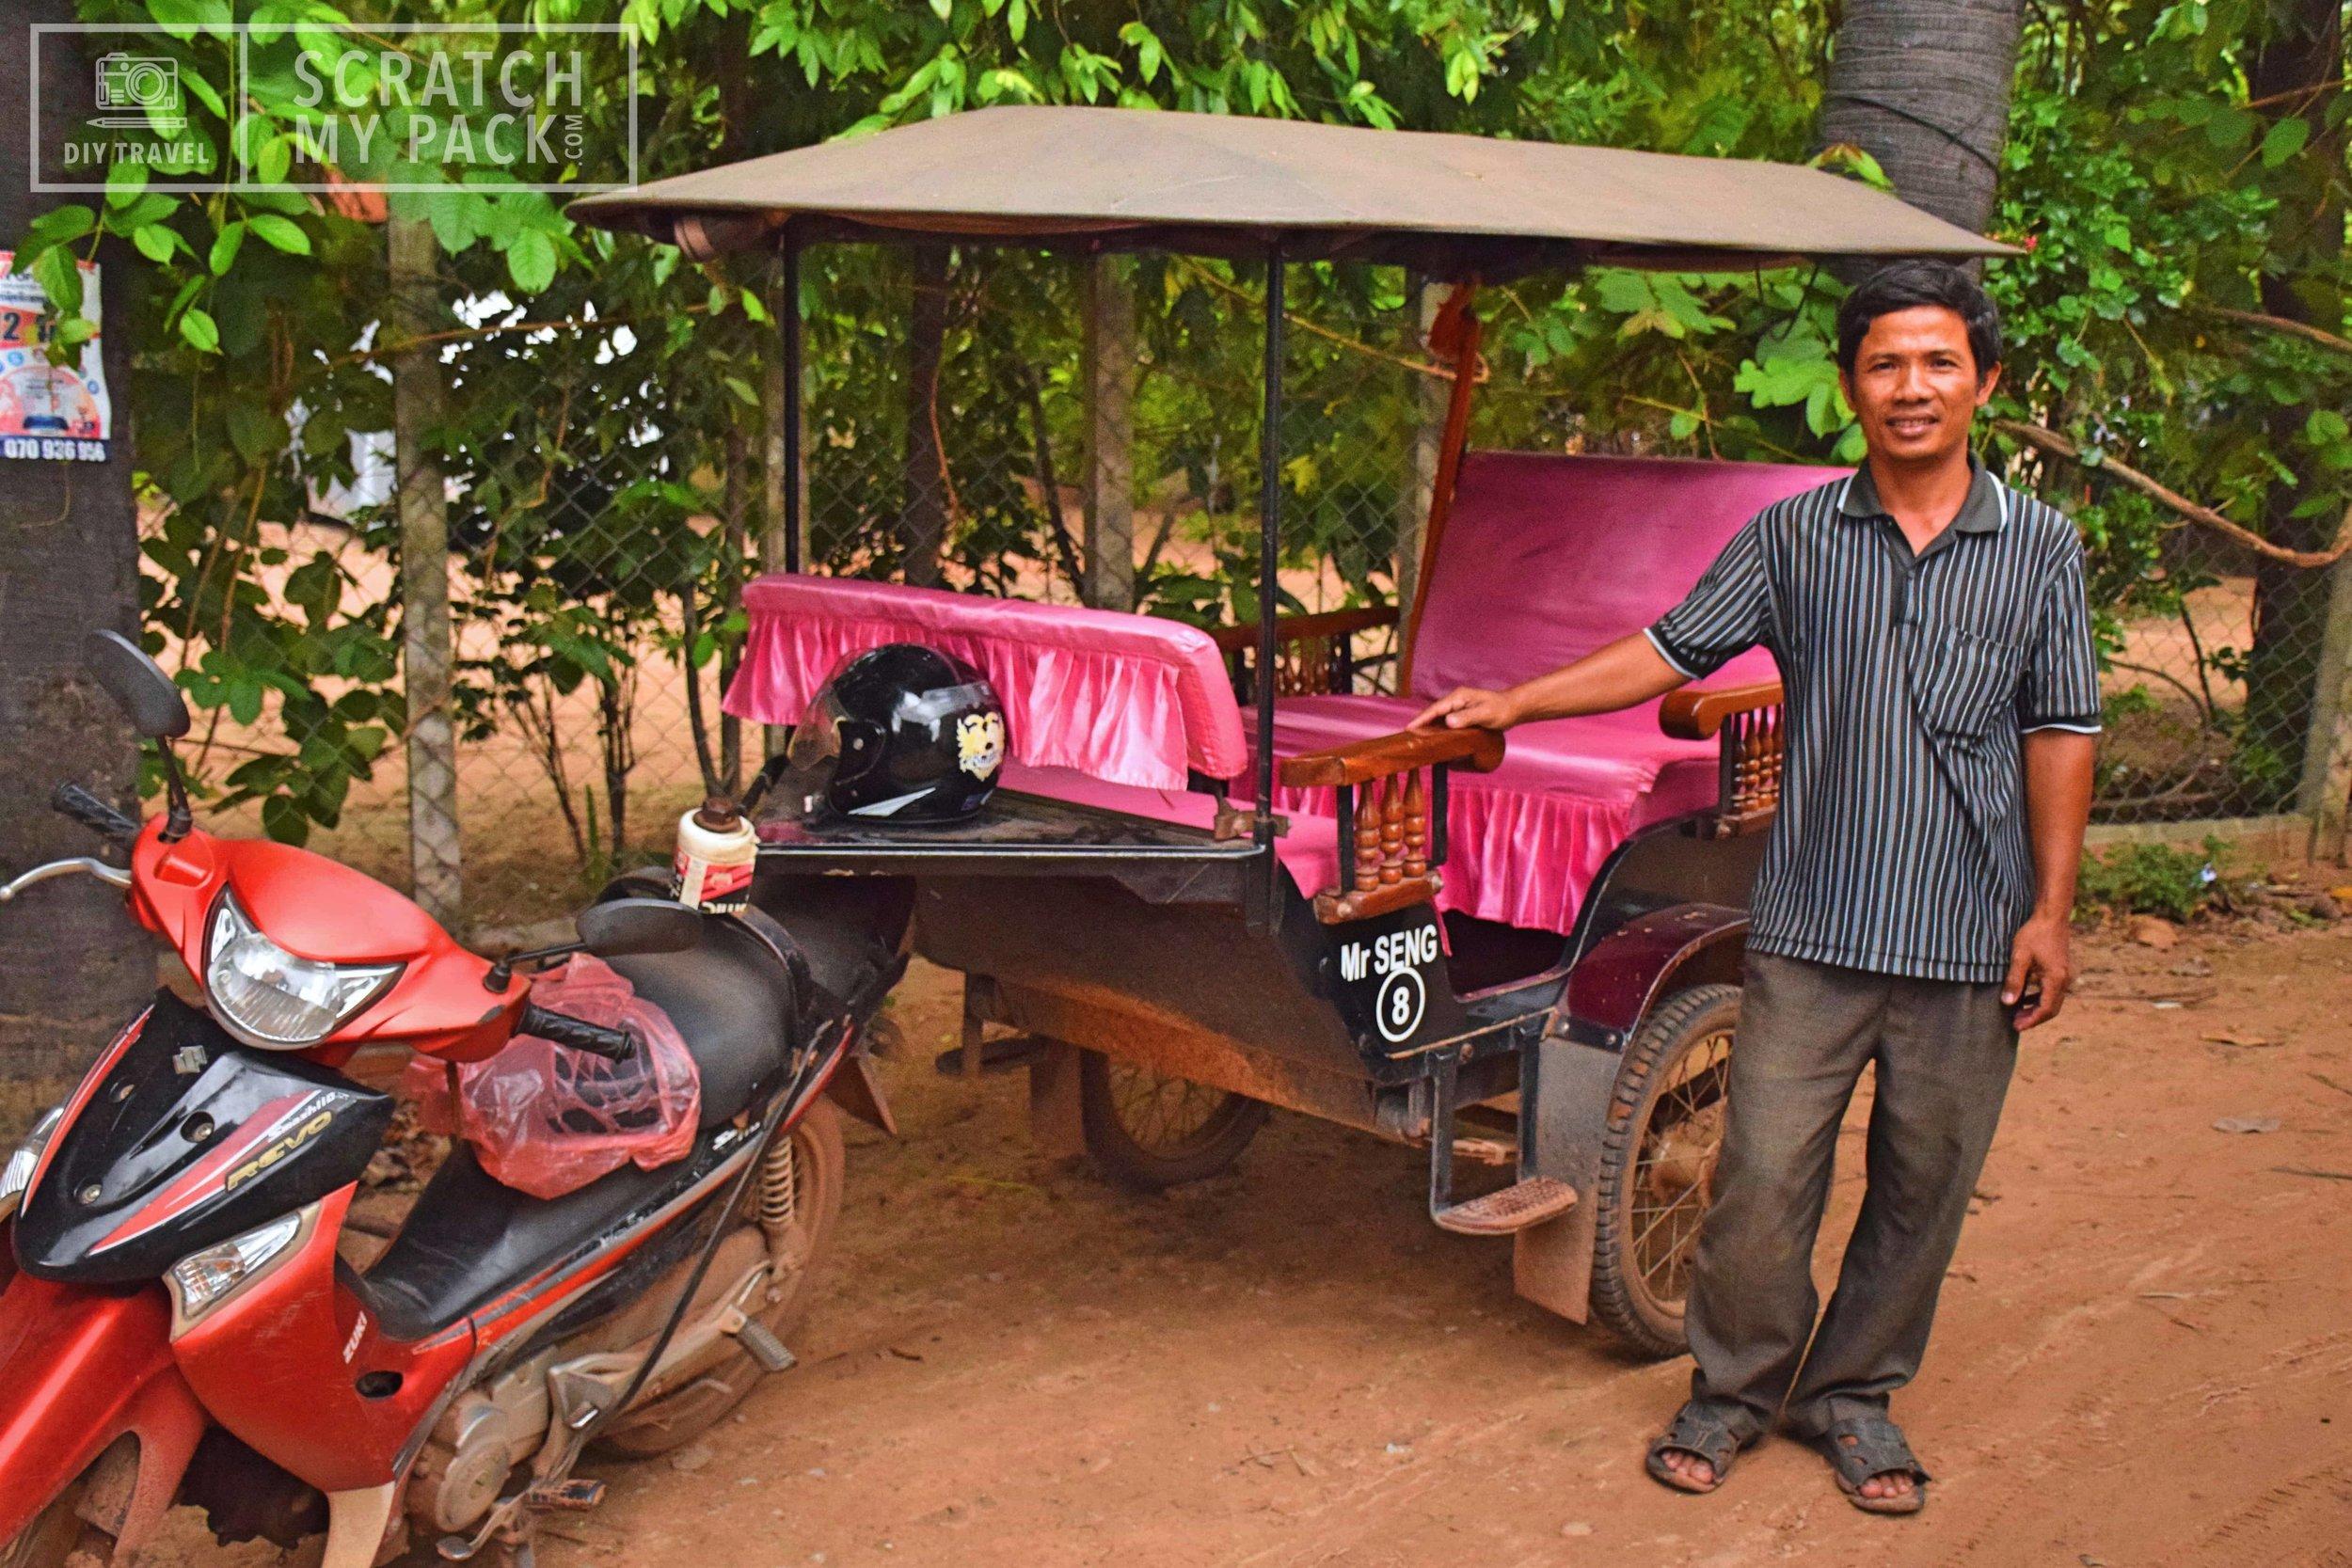 Our Tuk-Tuk Driver in Angkor Wat